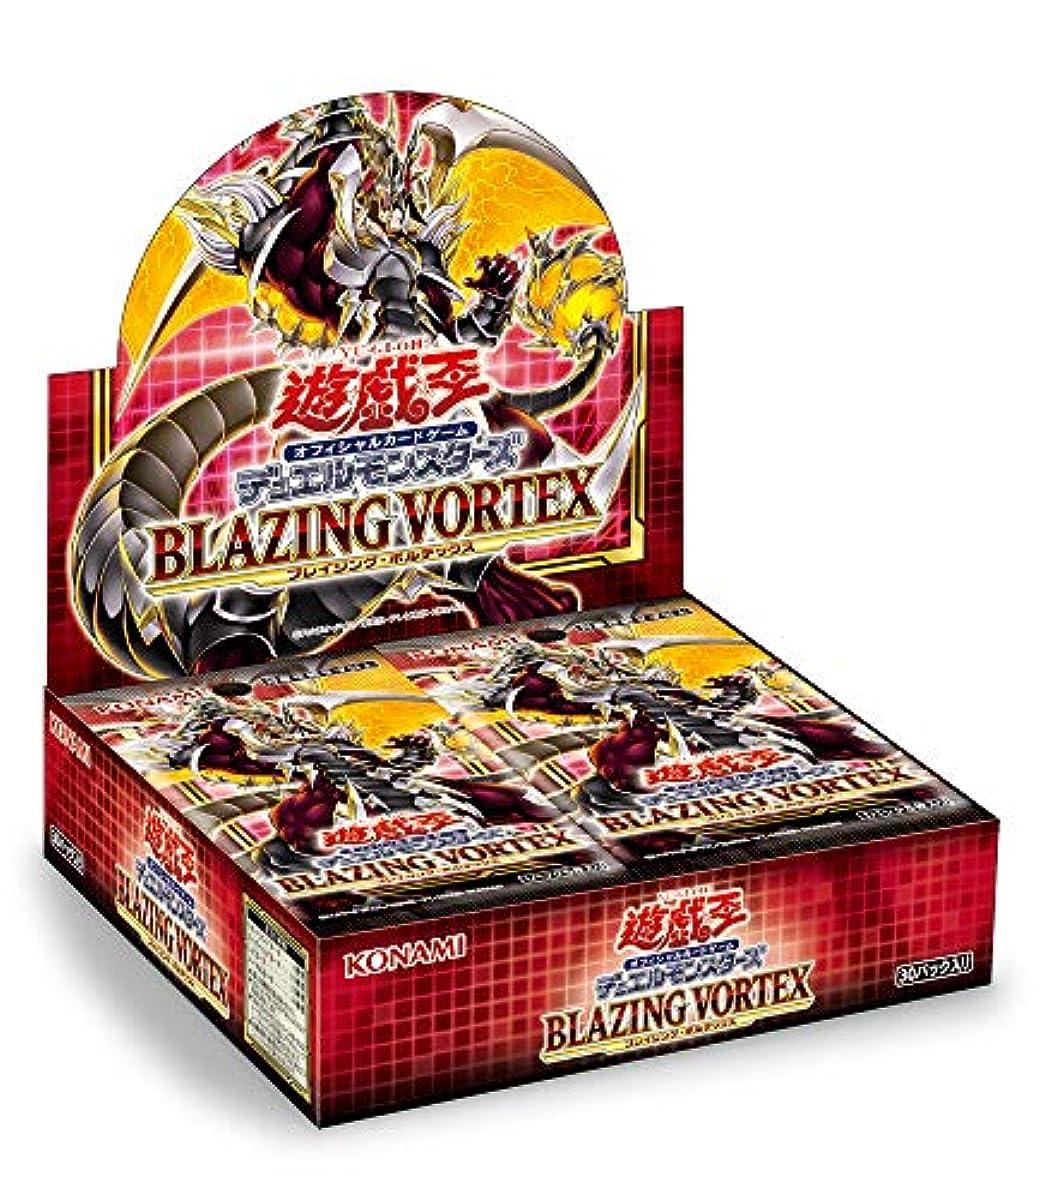 [해외] 코나미 디지털 엔터테인먼트 유희왕OCG듀얼 몬스터의 BLAZING VORTEX BOX(첫회 생산 한정판)(+1보너스 팩 동봉) CG1702